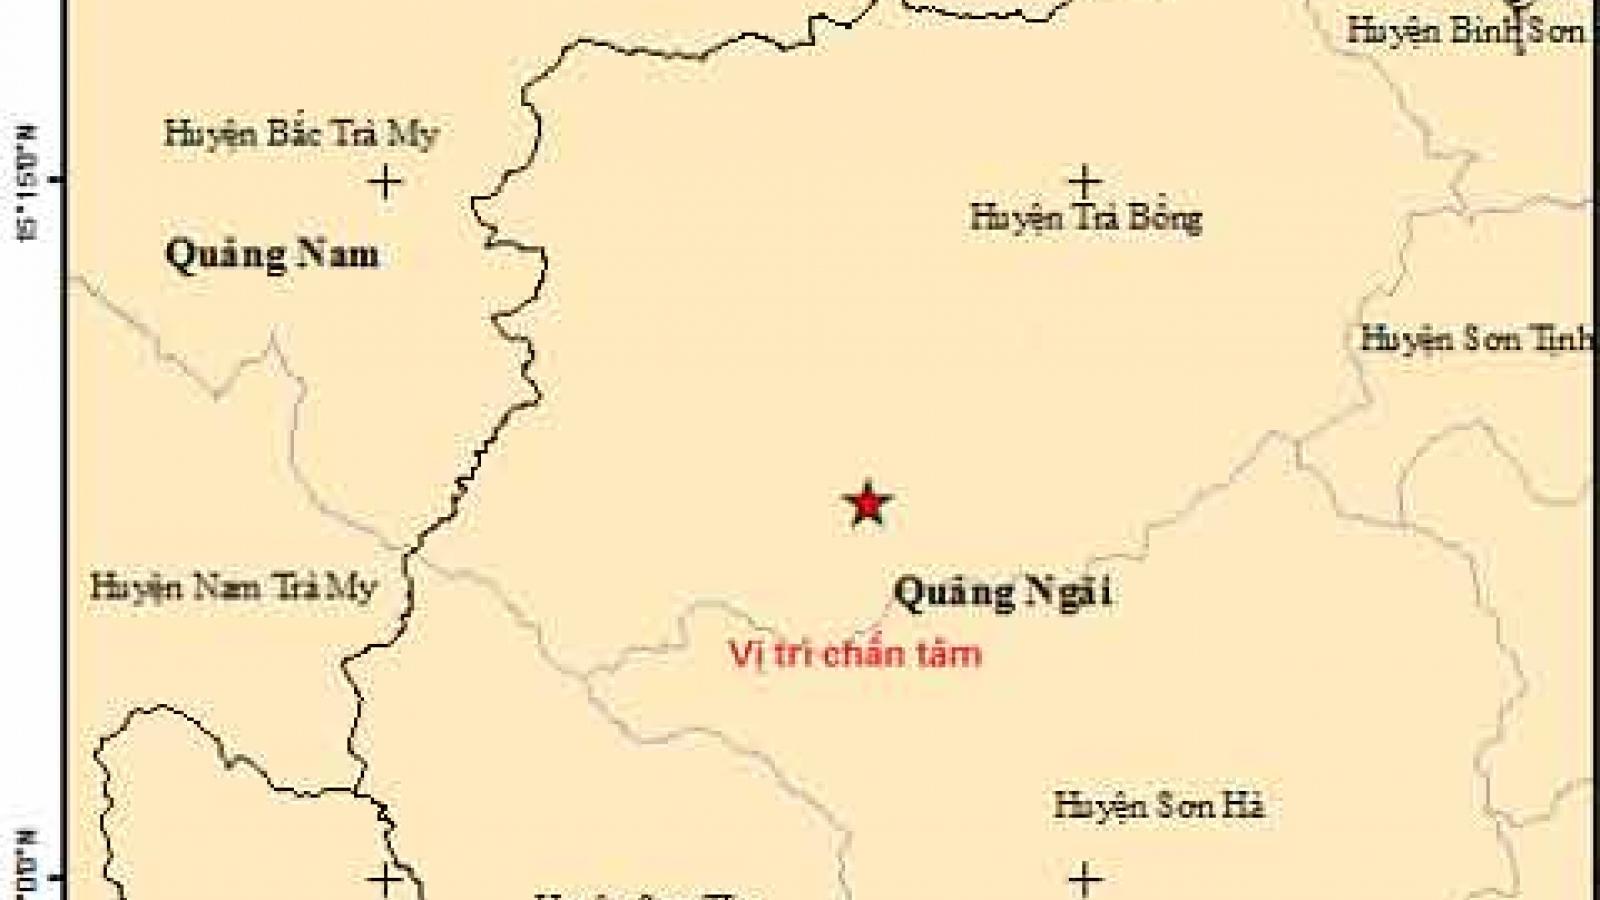 Liên tiếp xảy ra 2 trận động đất tại Quảng Ngãi